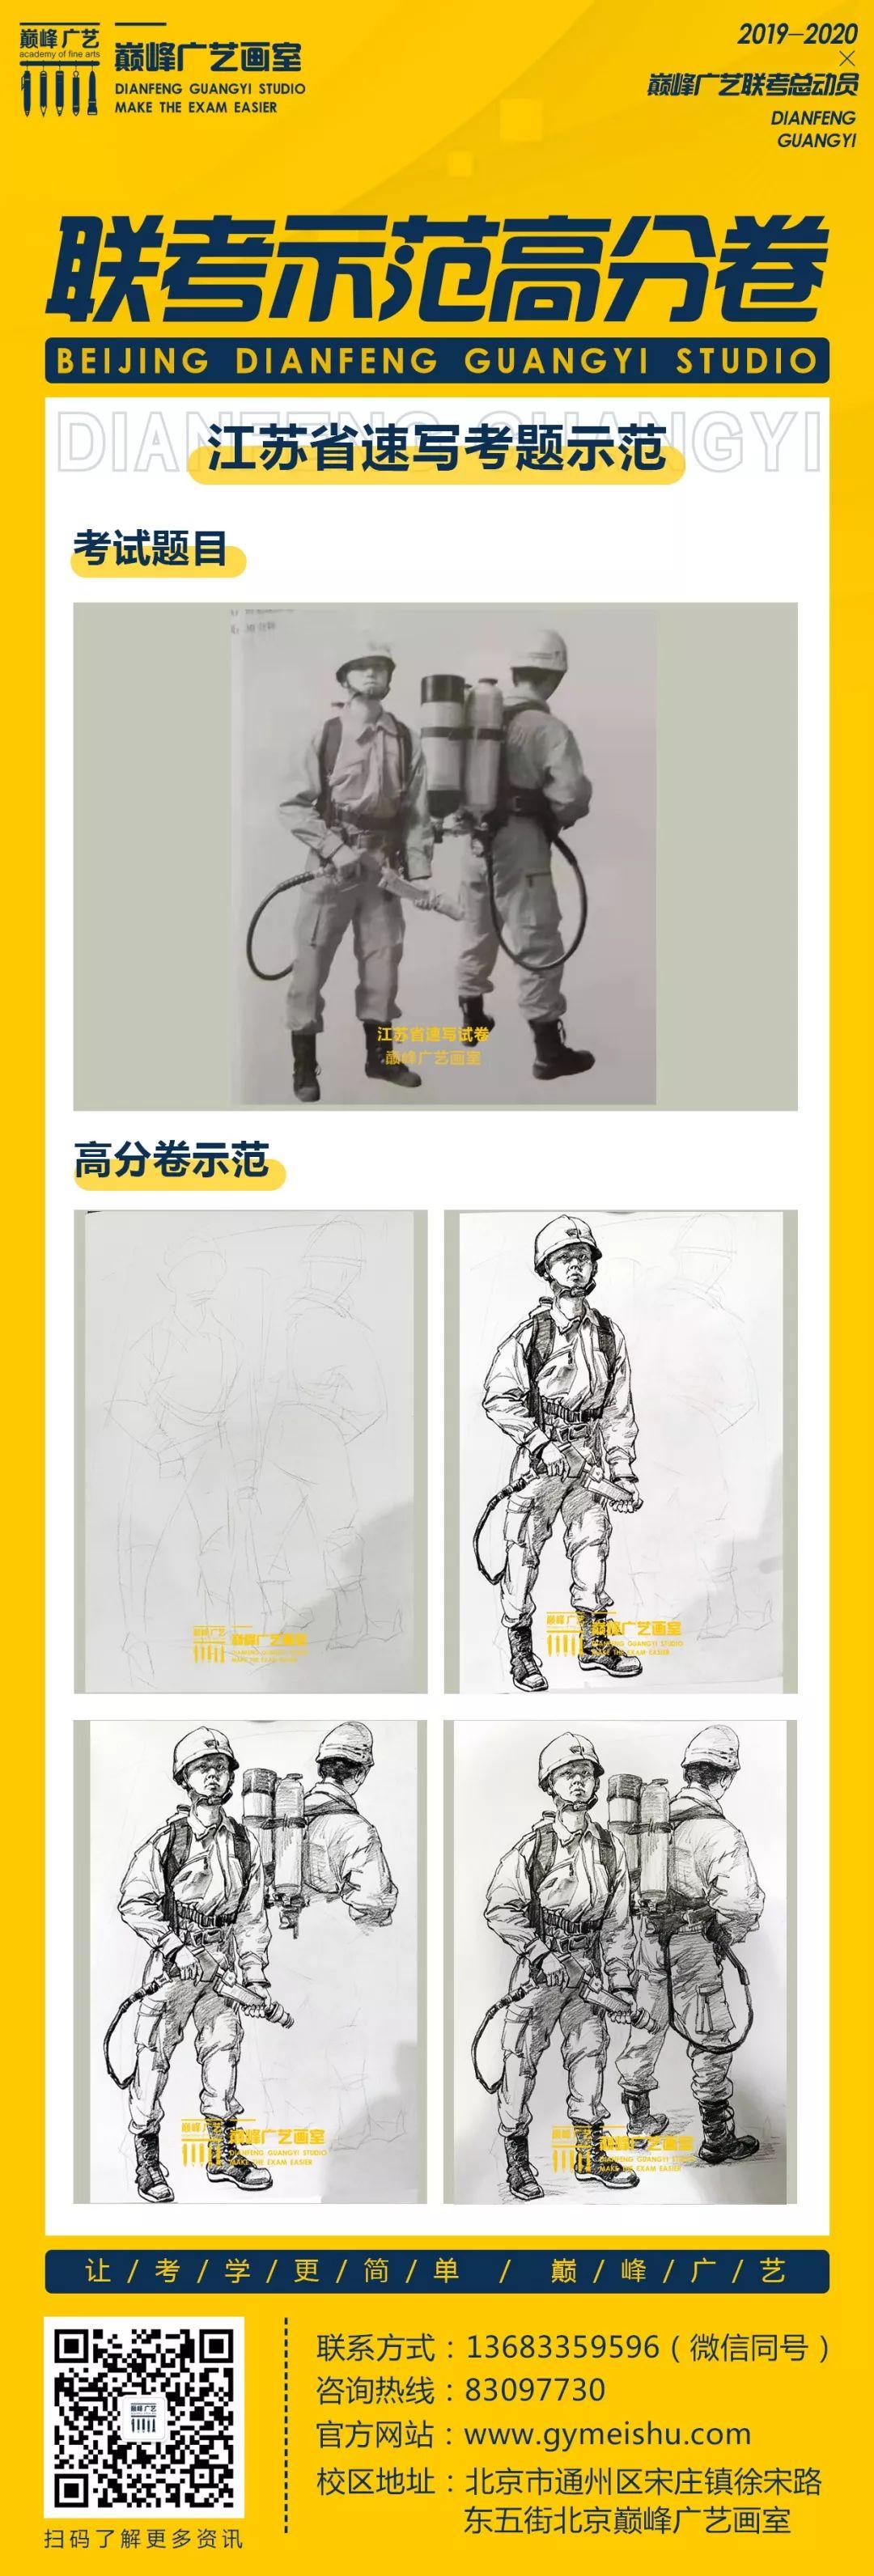 北京美术联考,北京巅峰广艺画室,北京画室     08